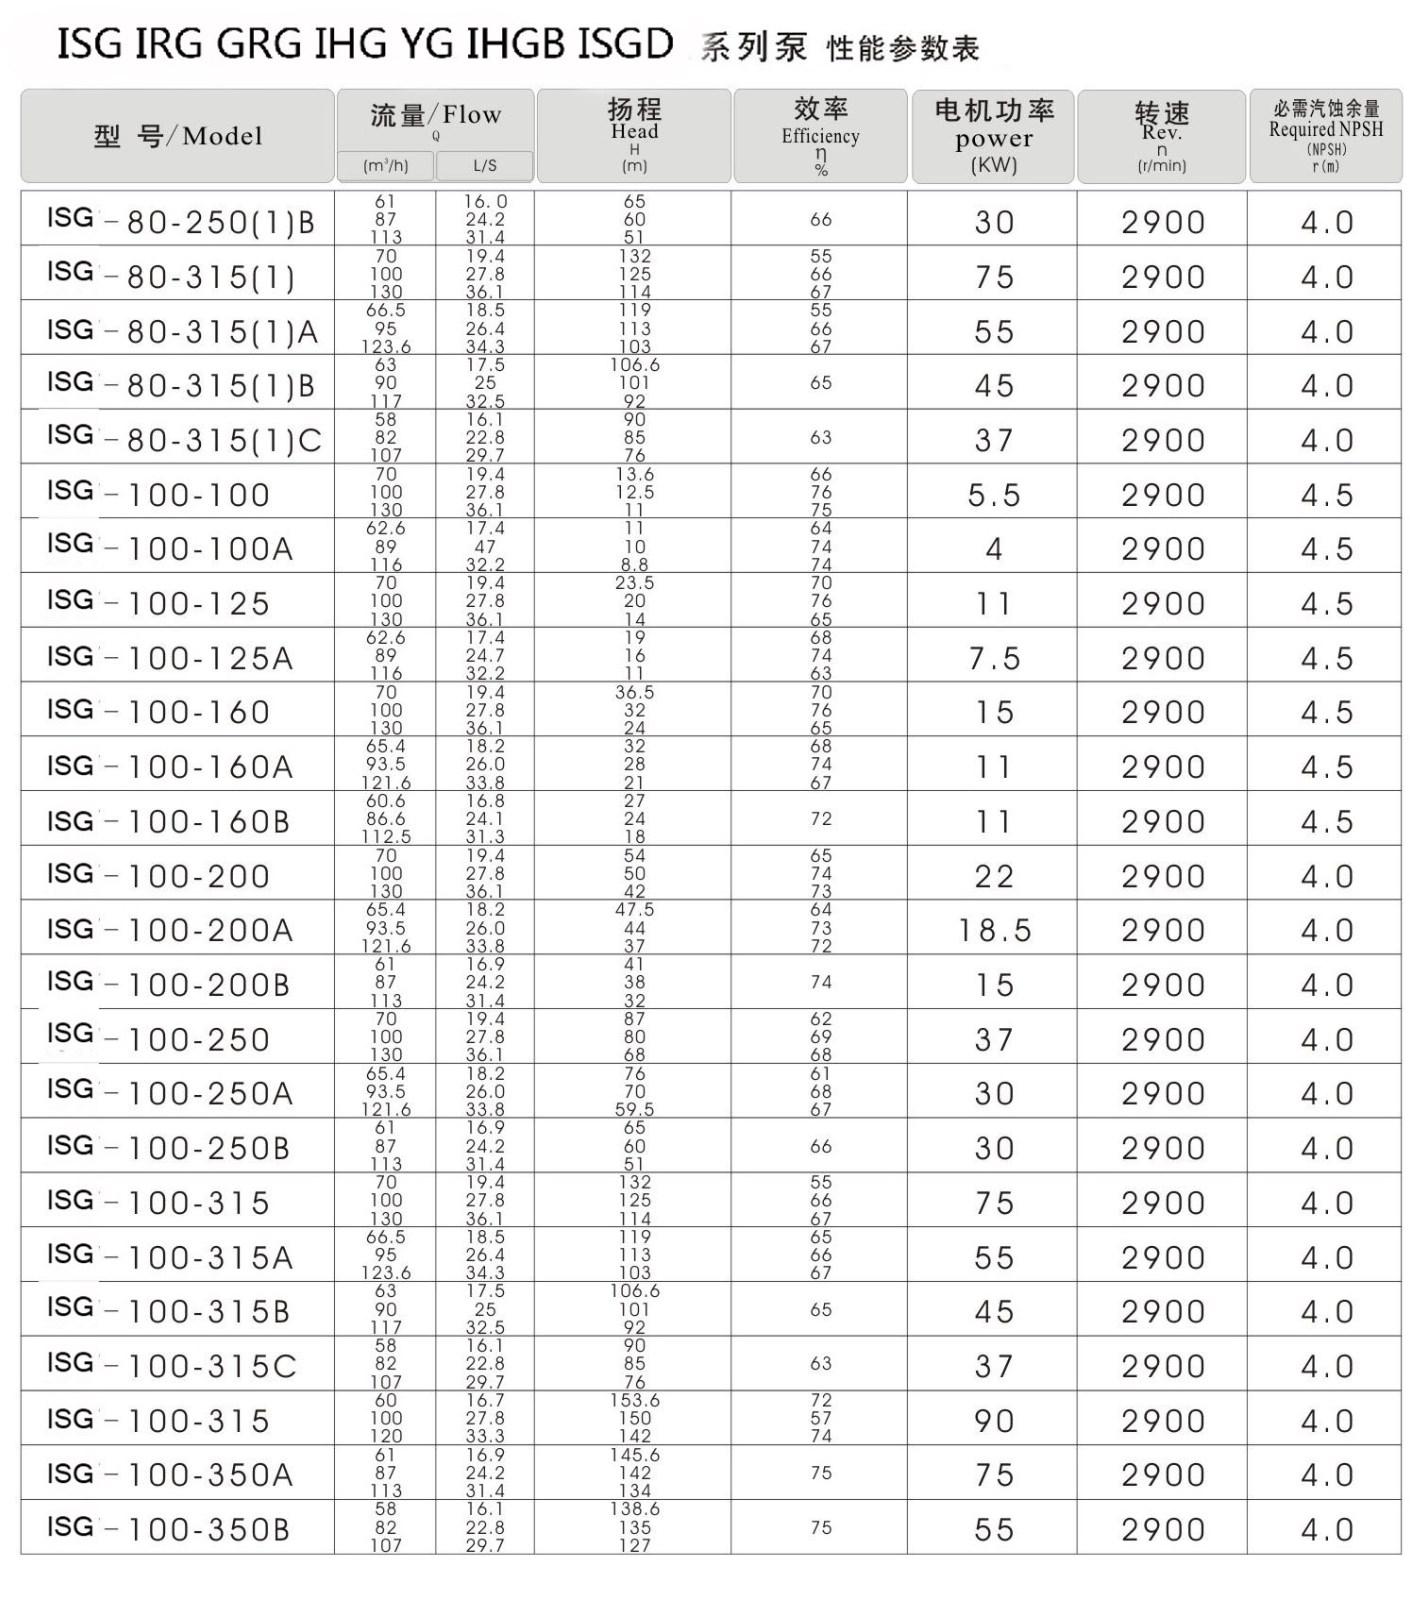 羊城水泵|广州市羊城水泵实业